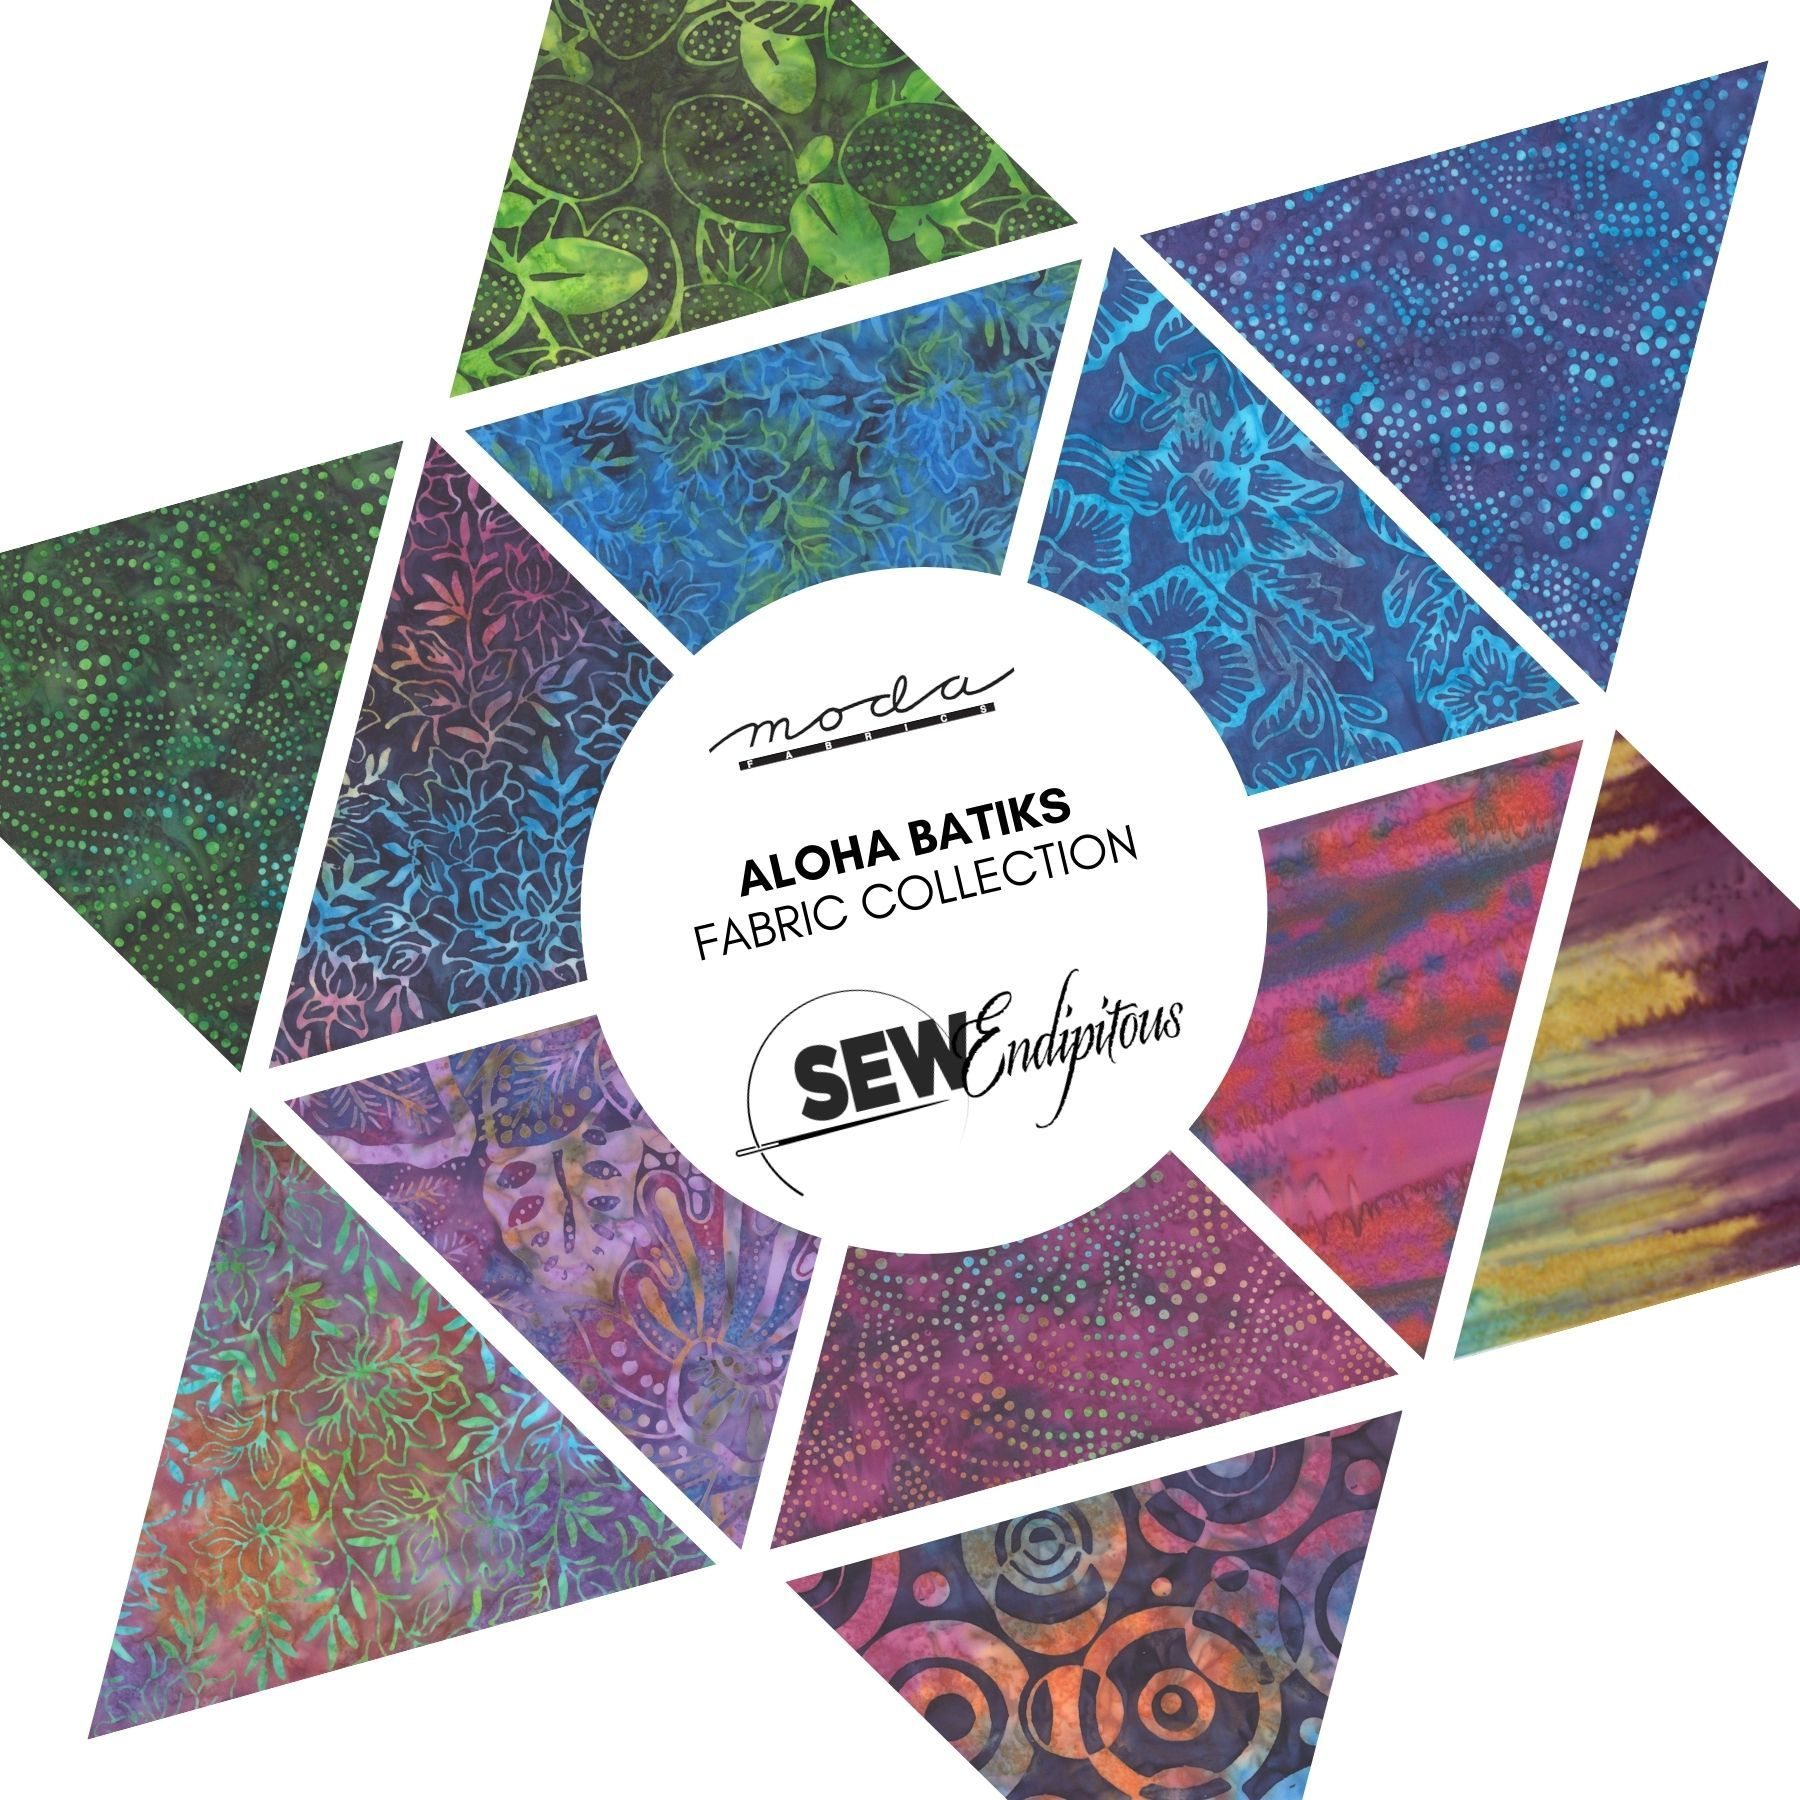 Aloha Batiks Fabric Collection